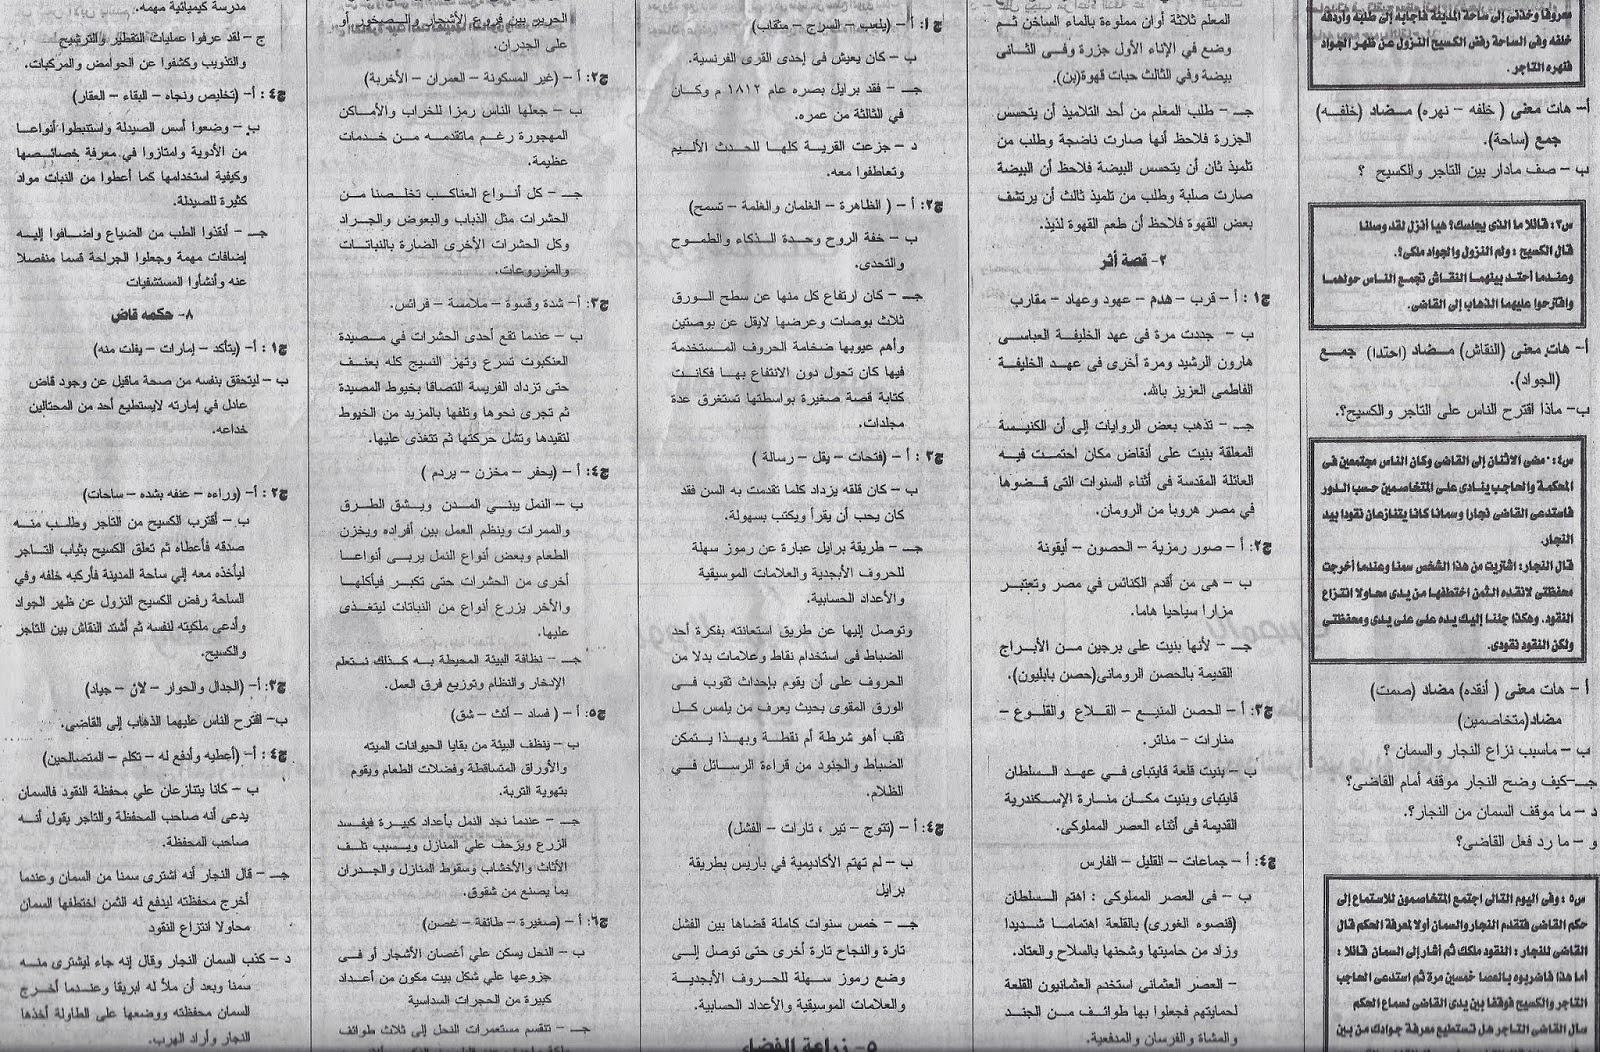 كل مراجعات ملاحق الجمهورية للترم الأول 2015 للشهادة الإبتدائية المنهاج المصري scan0065.jpg